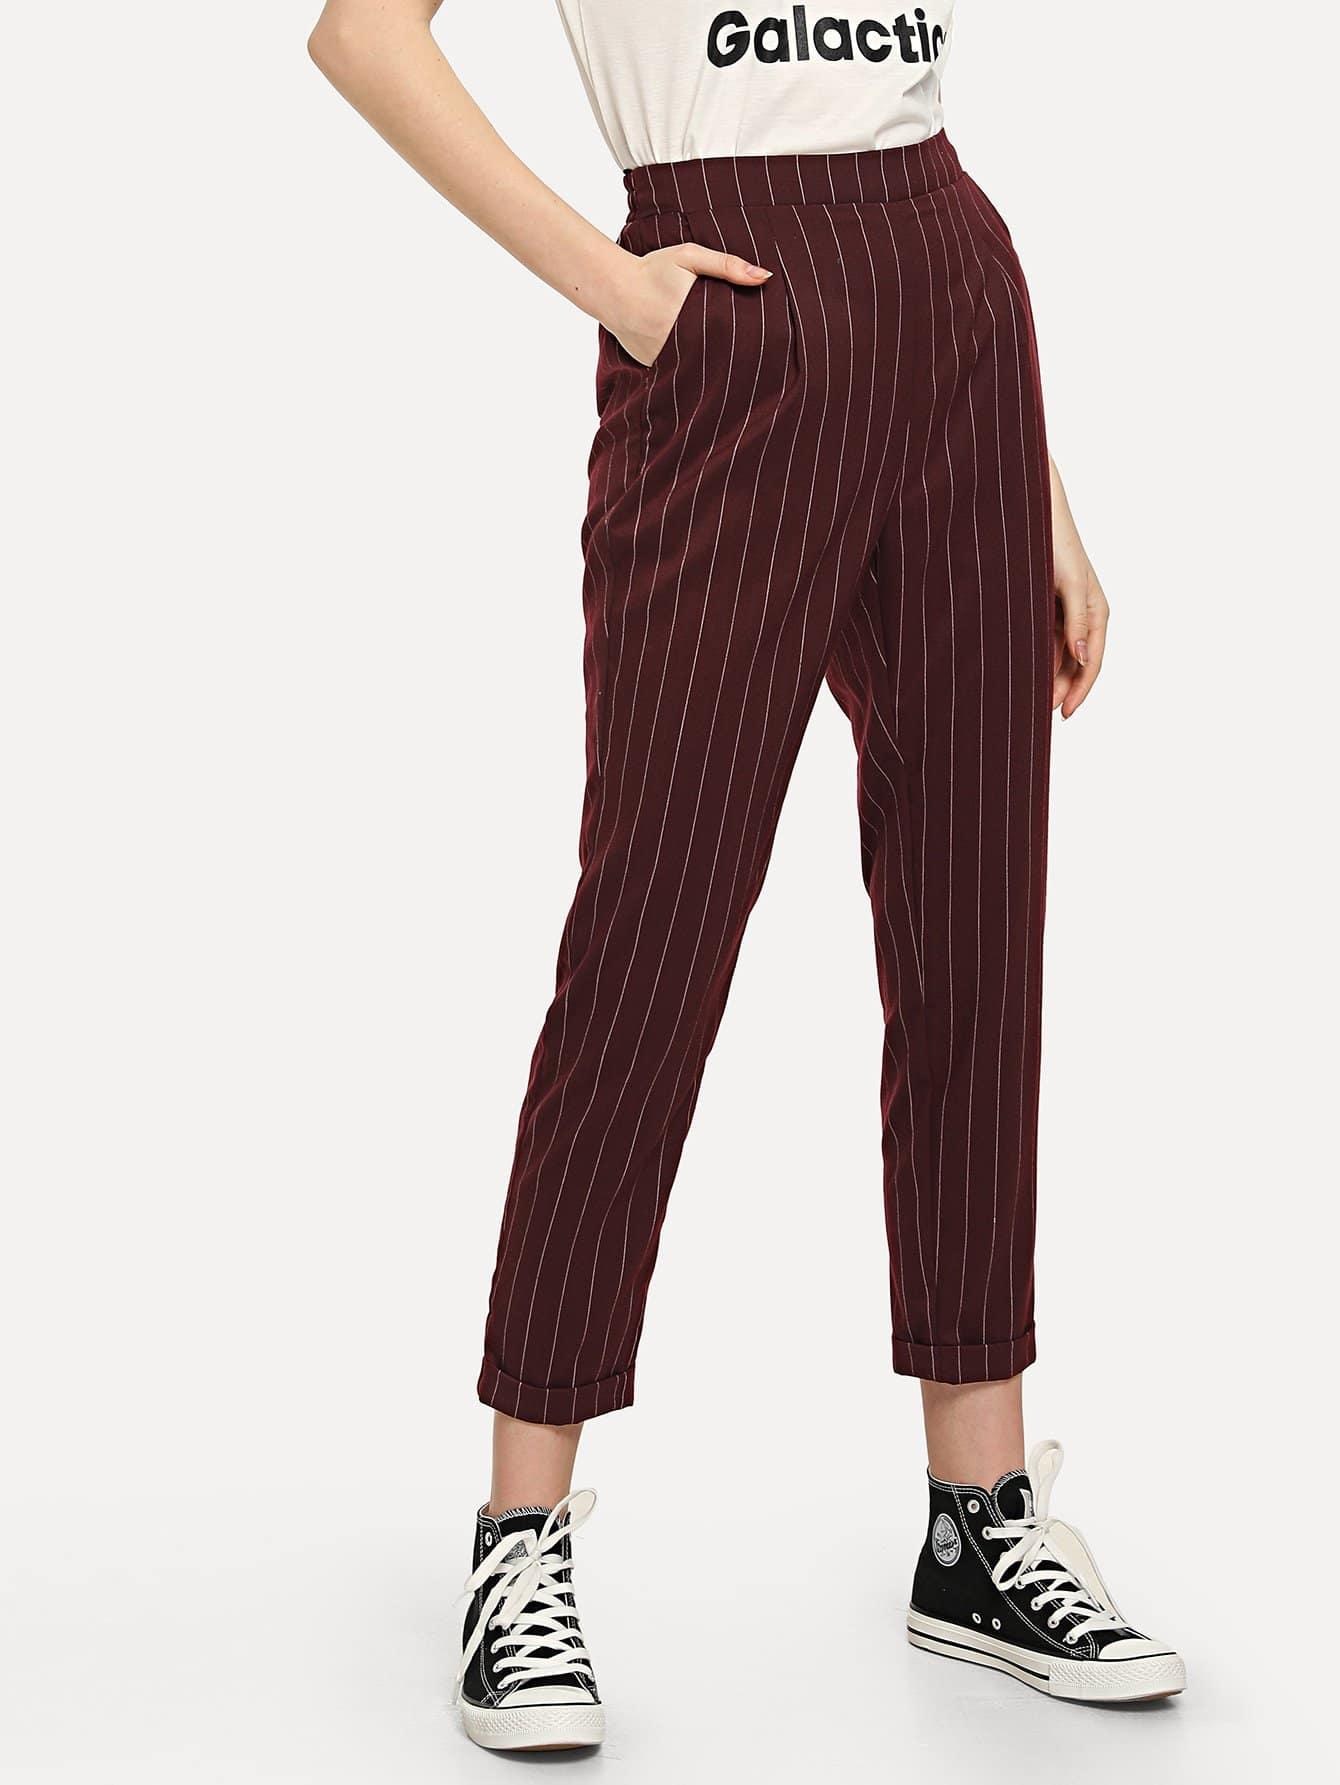 Pocket Side Rolled Hem Striped Pants solid rolled hem pants